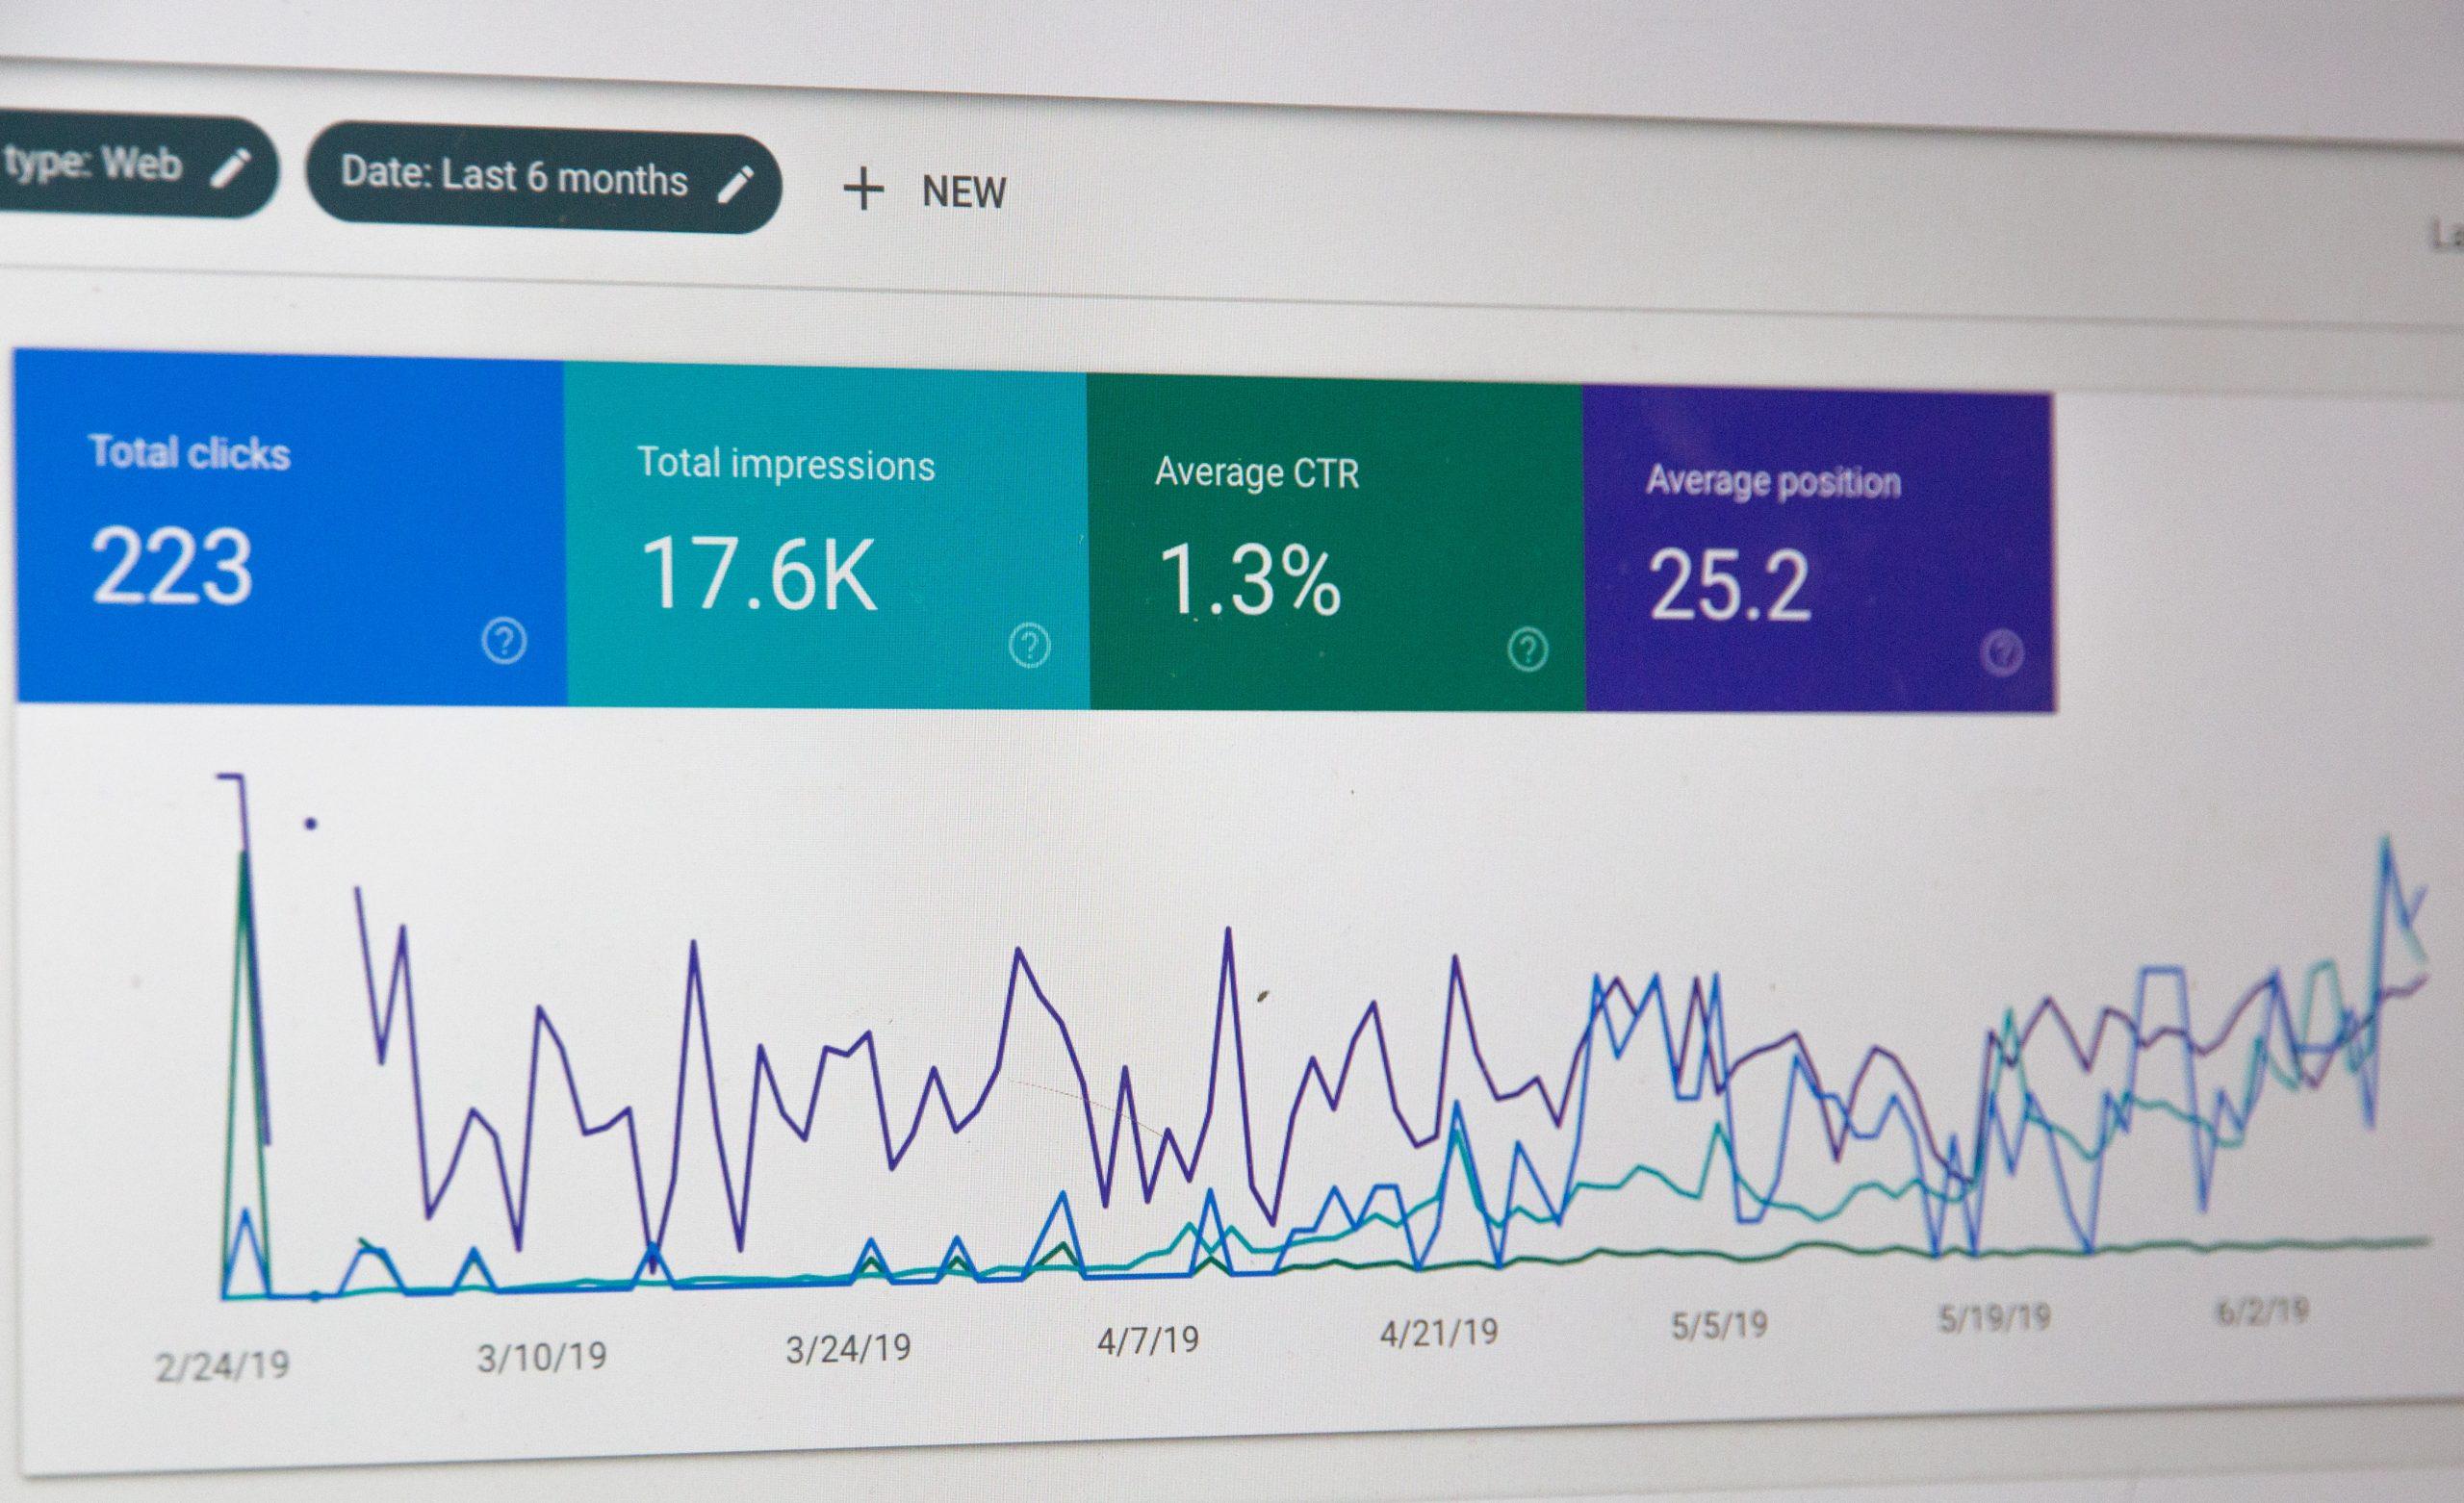 ¿Cómo posicionar un sitio web según las últimas tendencias?